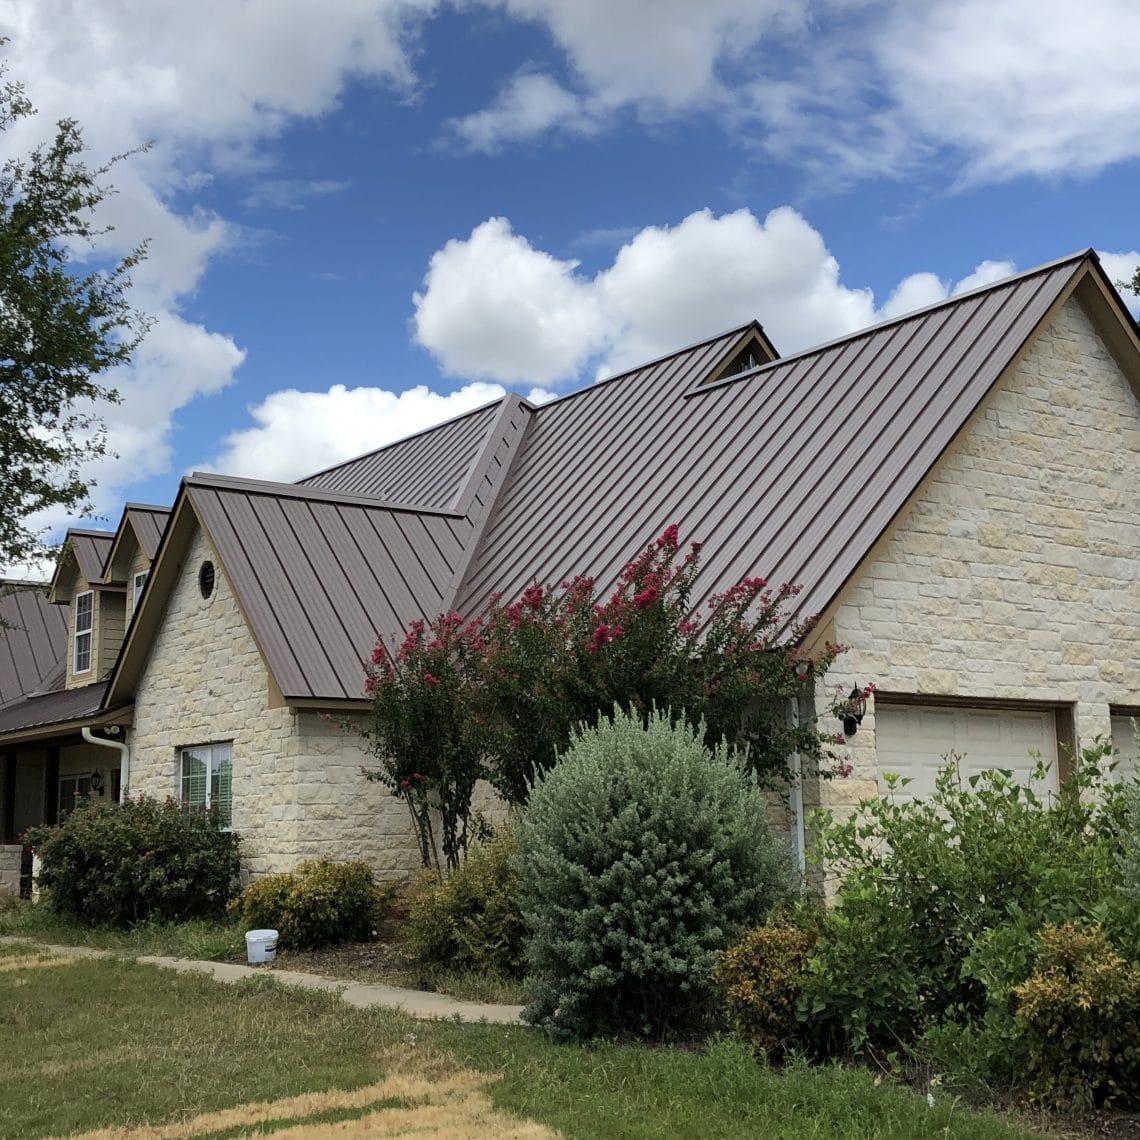 Life-Roofing-5cc9a8d0d01f4-1140x1140